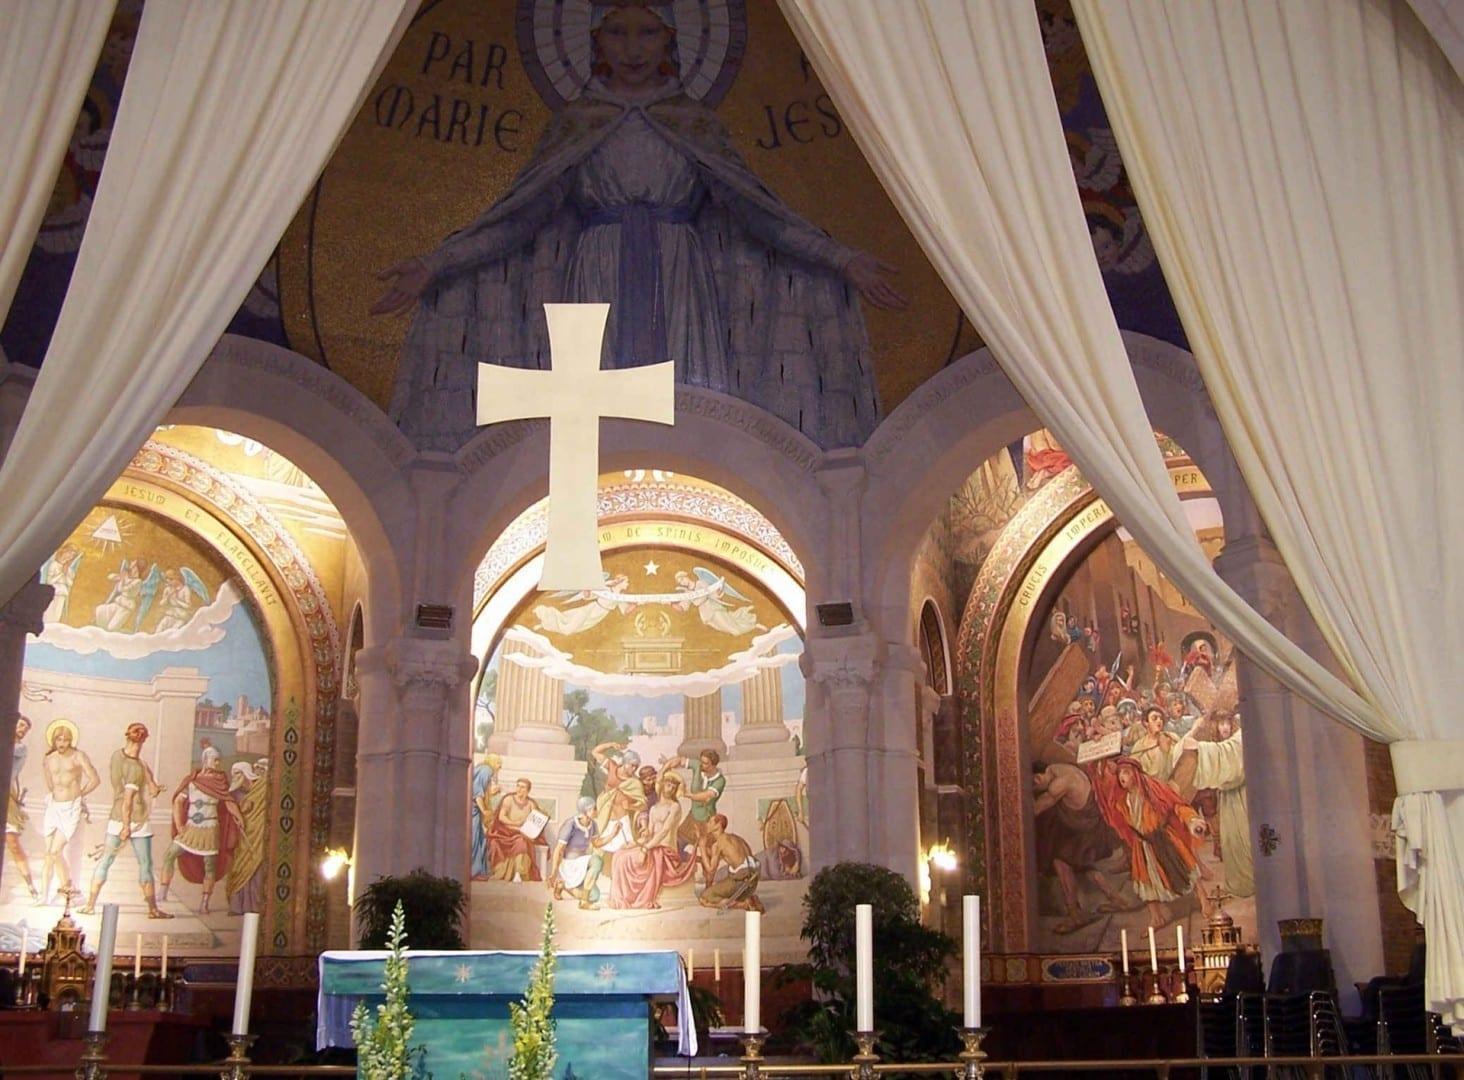 El santuario de la Basílica de Nuestra Señora del Rosario mirando hacia los Misterios Dolorosos. Observen el mosaico de María en la parte superior. Lourdes Francia